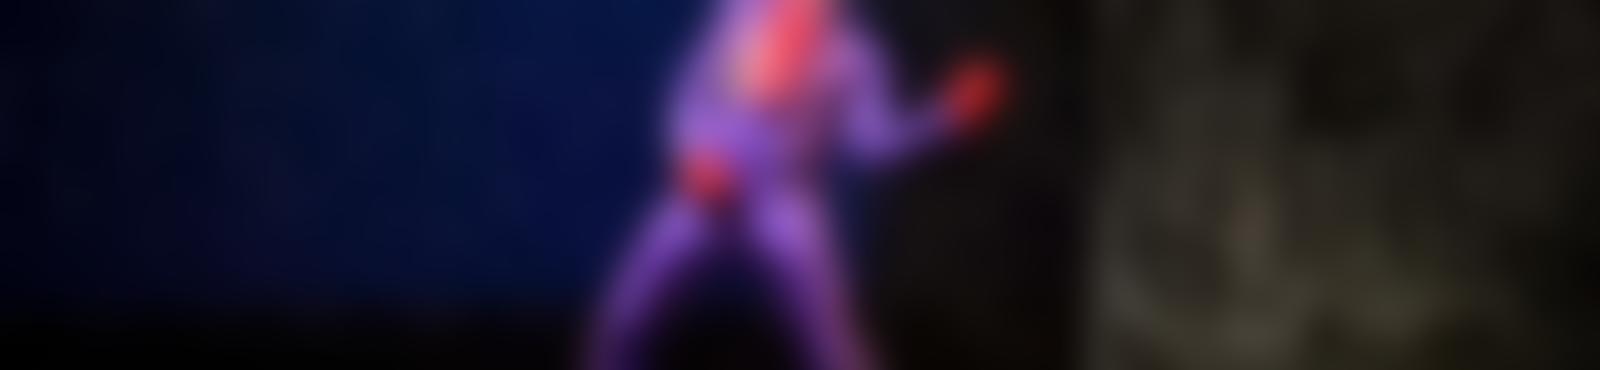 Blurred e78c0bf4 ecf2 4791 aa50 9bda8e9705f4